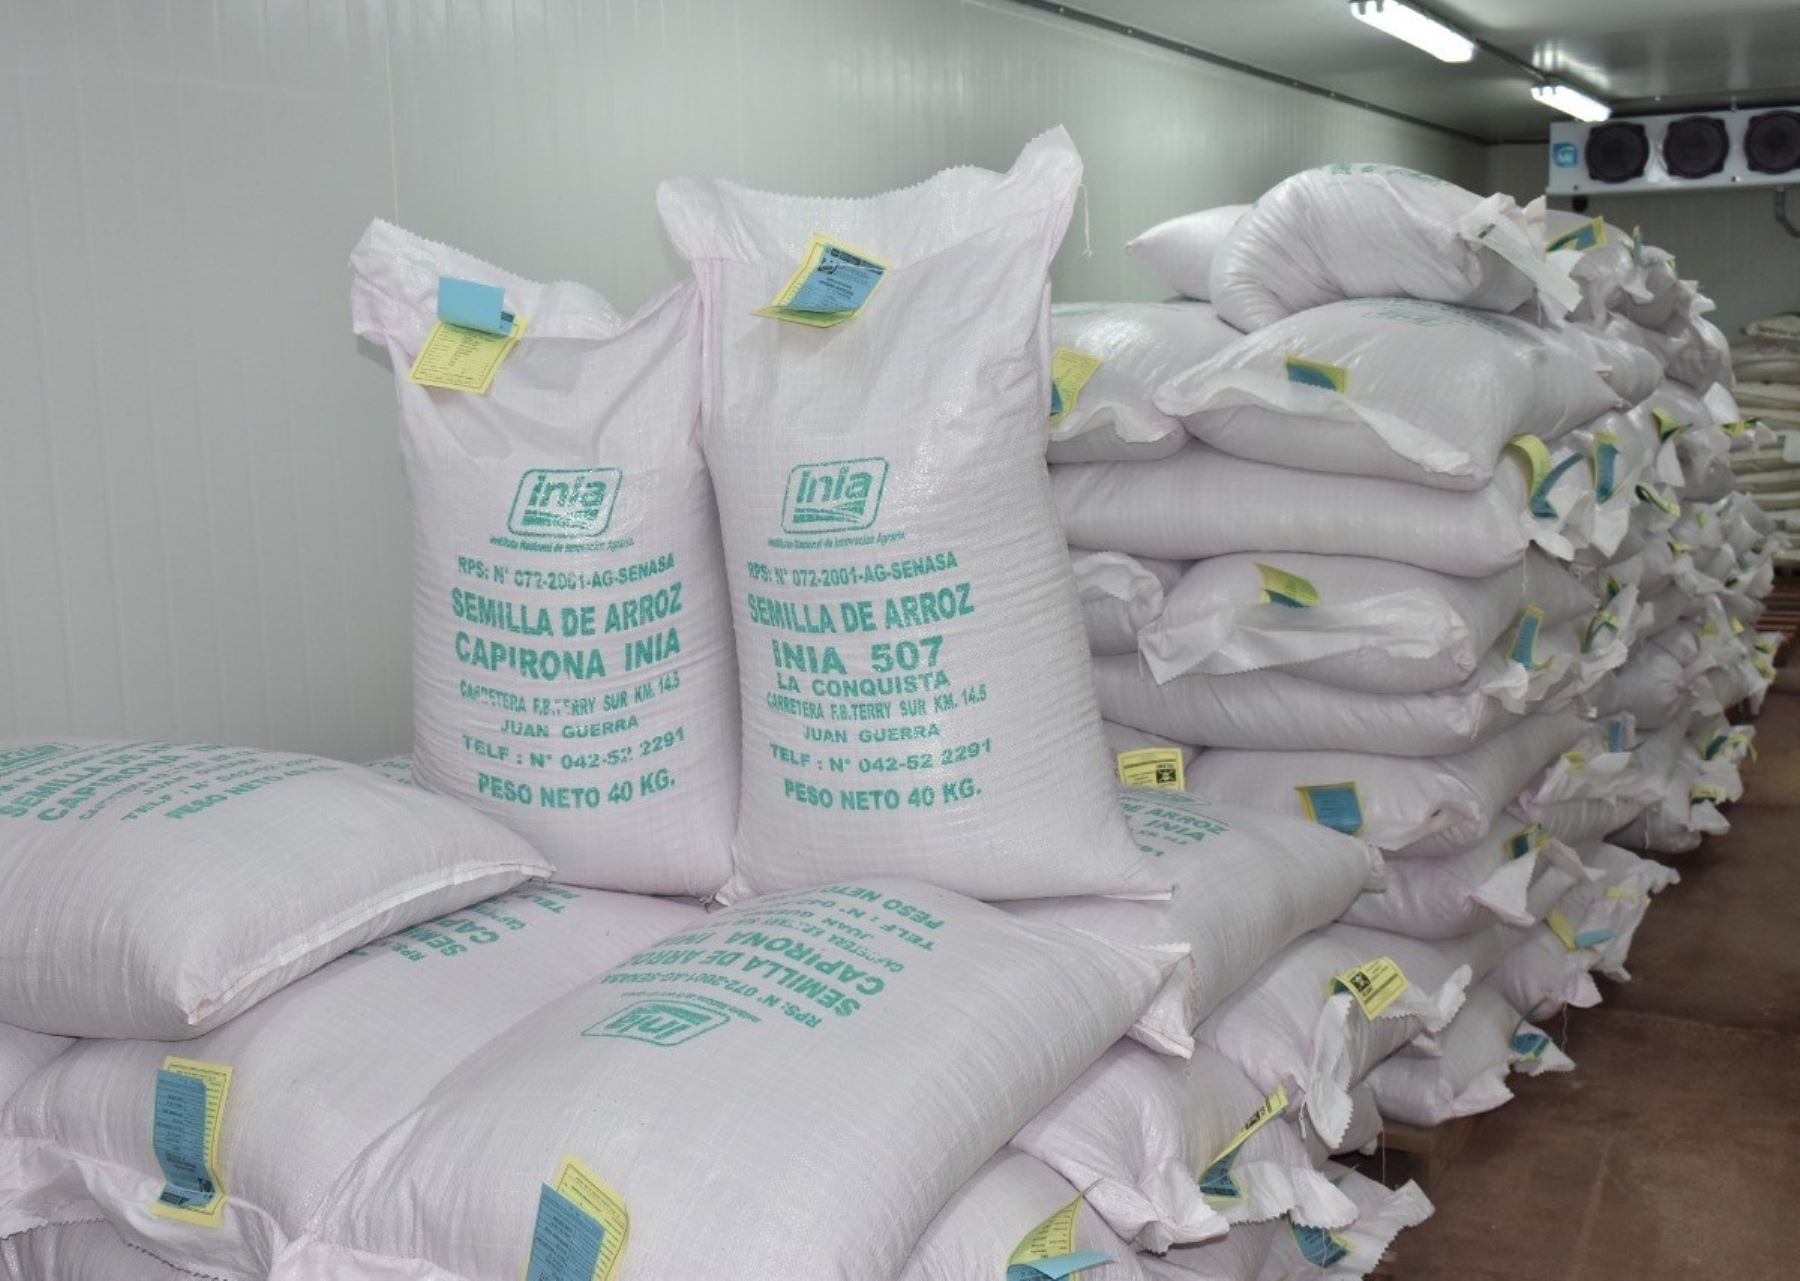 Productores de San Martín acceden a semillas de arroz certificadas y de calidad   Noticias